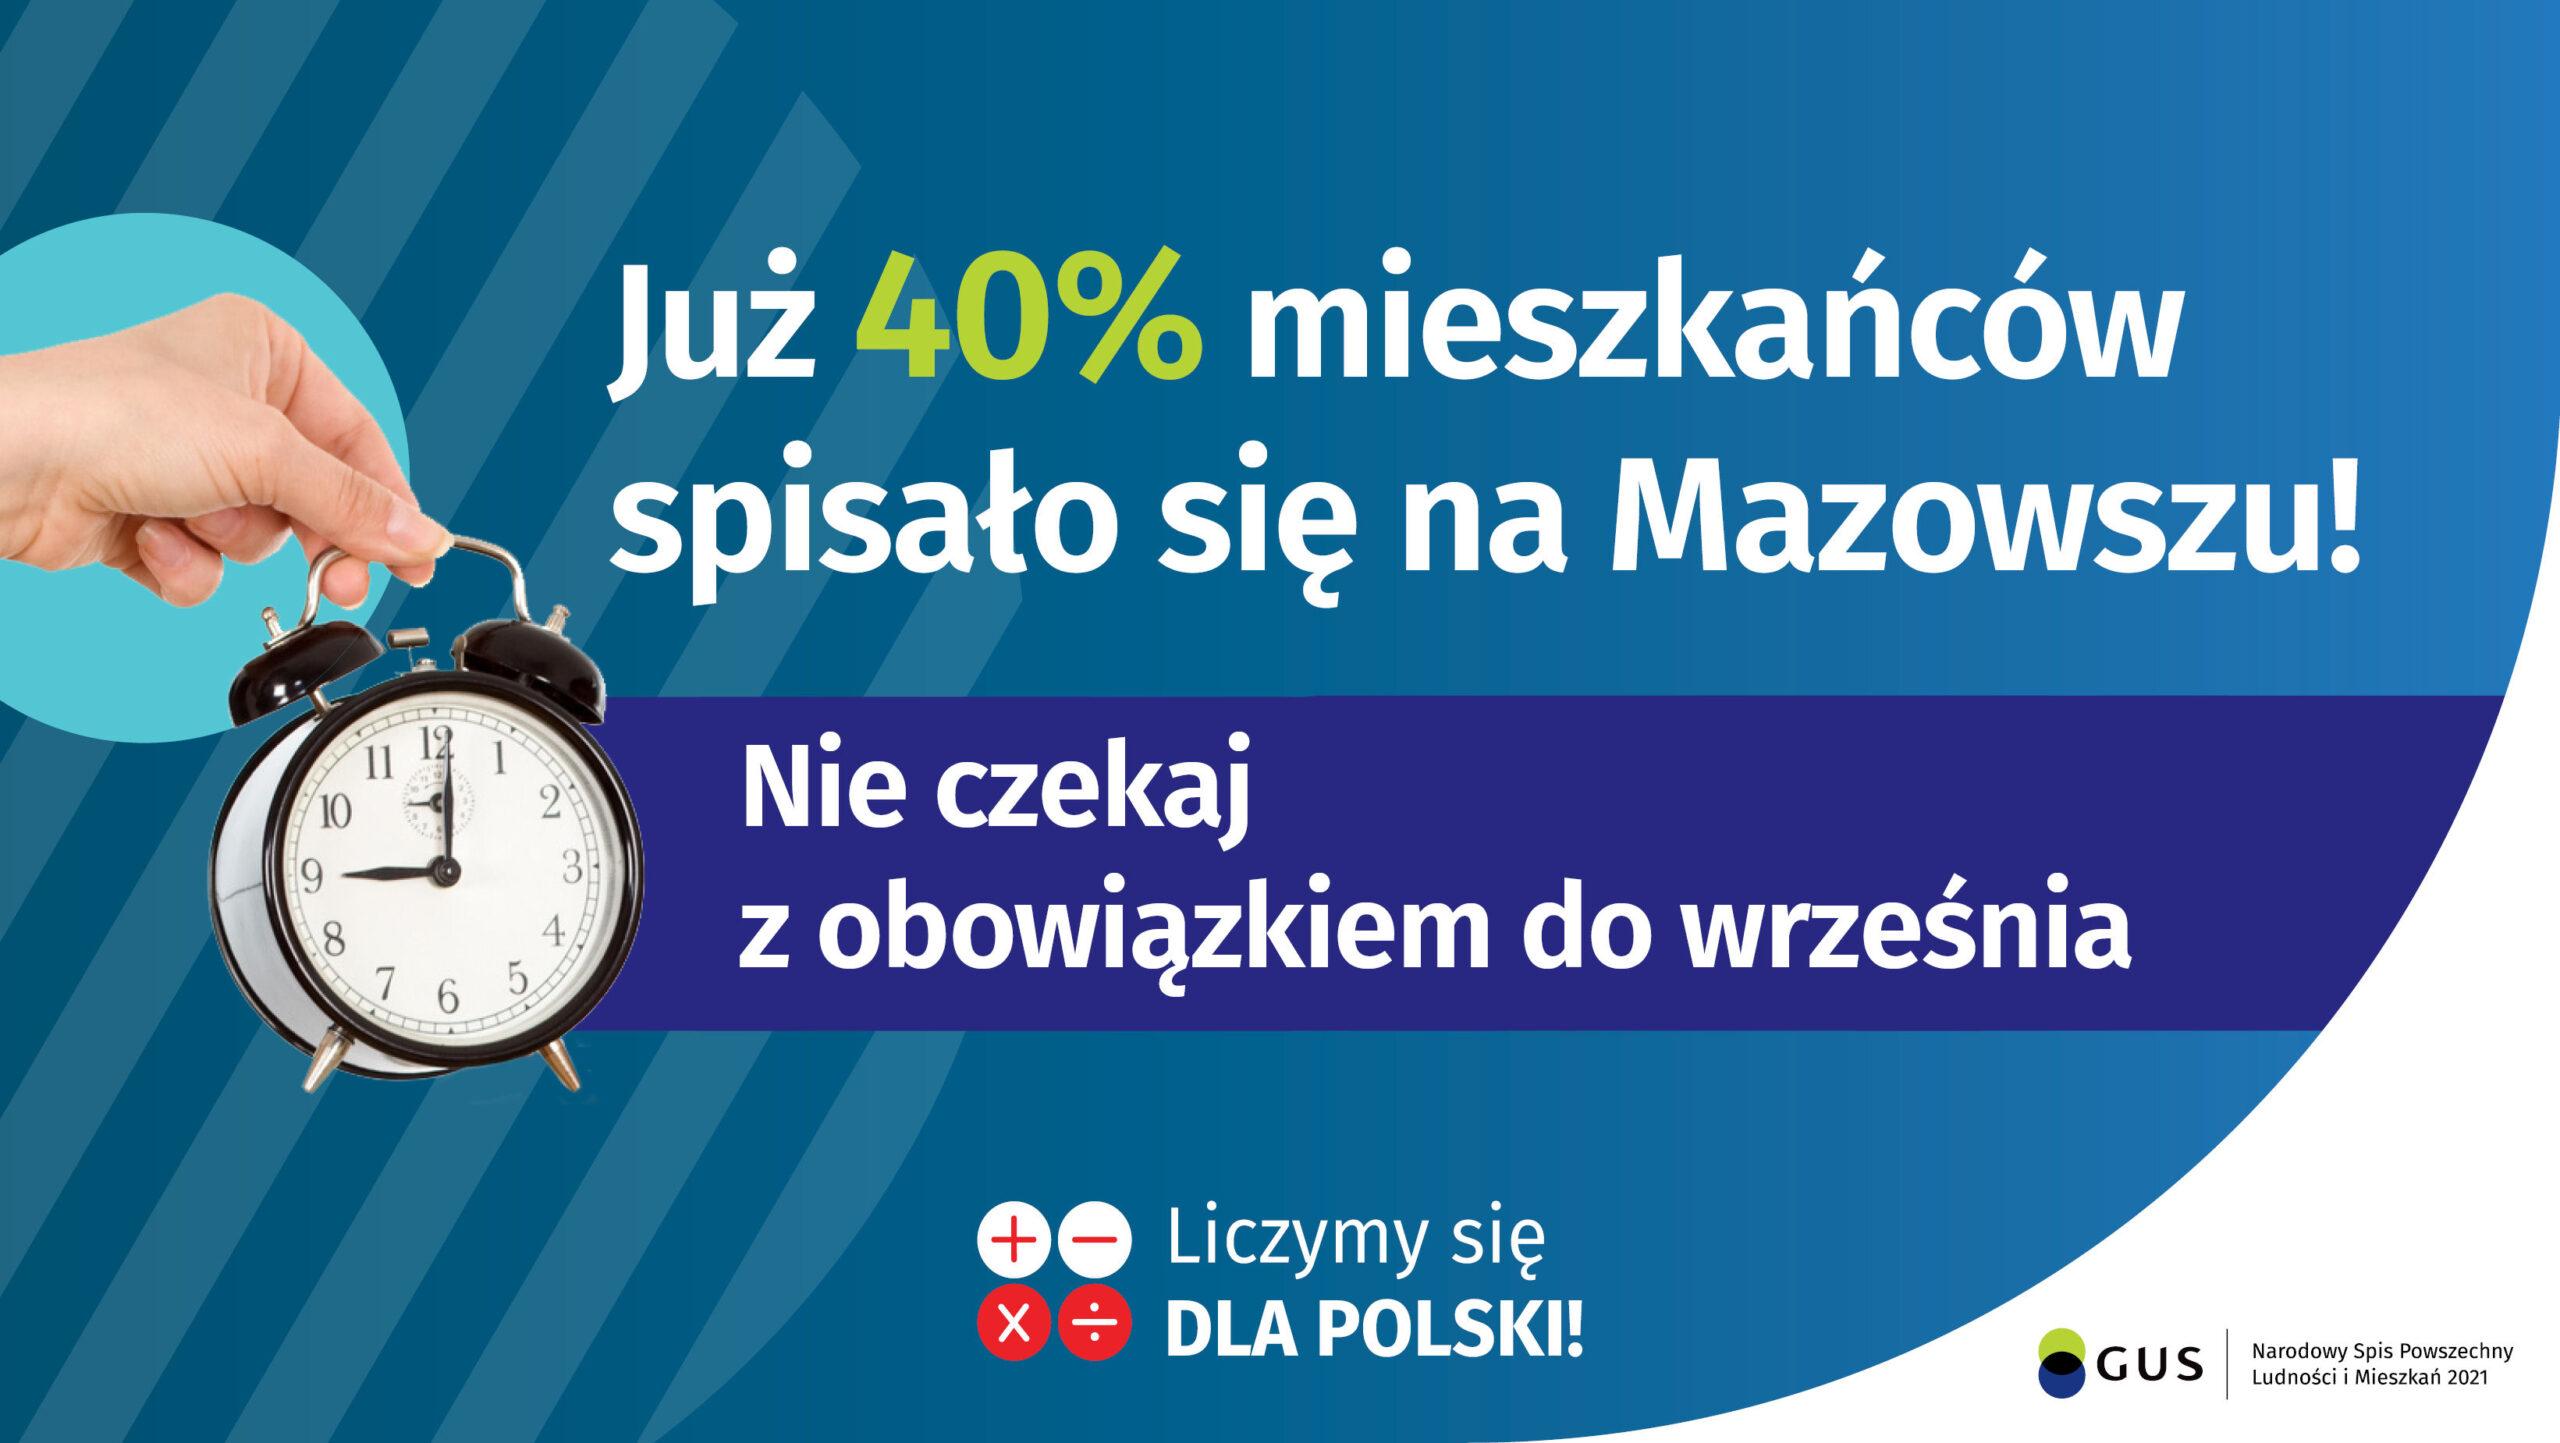 Na grafice jest napis: Już 40% mieszkańców spisało się na Mazowszu! Po lewej stronie jest zdjęcie dłoni na tle okręgu trzymającej budzik. Na wysokości budzika jest napis: Nie czekaj z obowiązkiem do września. Na dole grafiki są cztery małe koła ze znakami dodawania, odejmowania, mnożenia idzielenia, obok nich napis: Liczymy się dla Polski! W prawym dolnym rogu jest logotyp spisu: dwa nachodzące na siebie pionowo koła, GUS, pionowa kreska, Narodowy Spis Powszechny Ludności iMieszkań 2021.